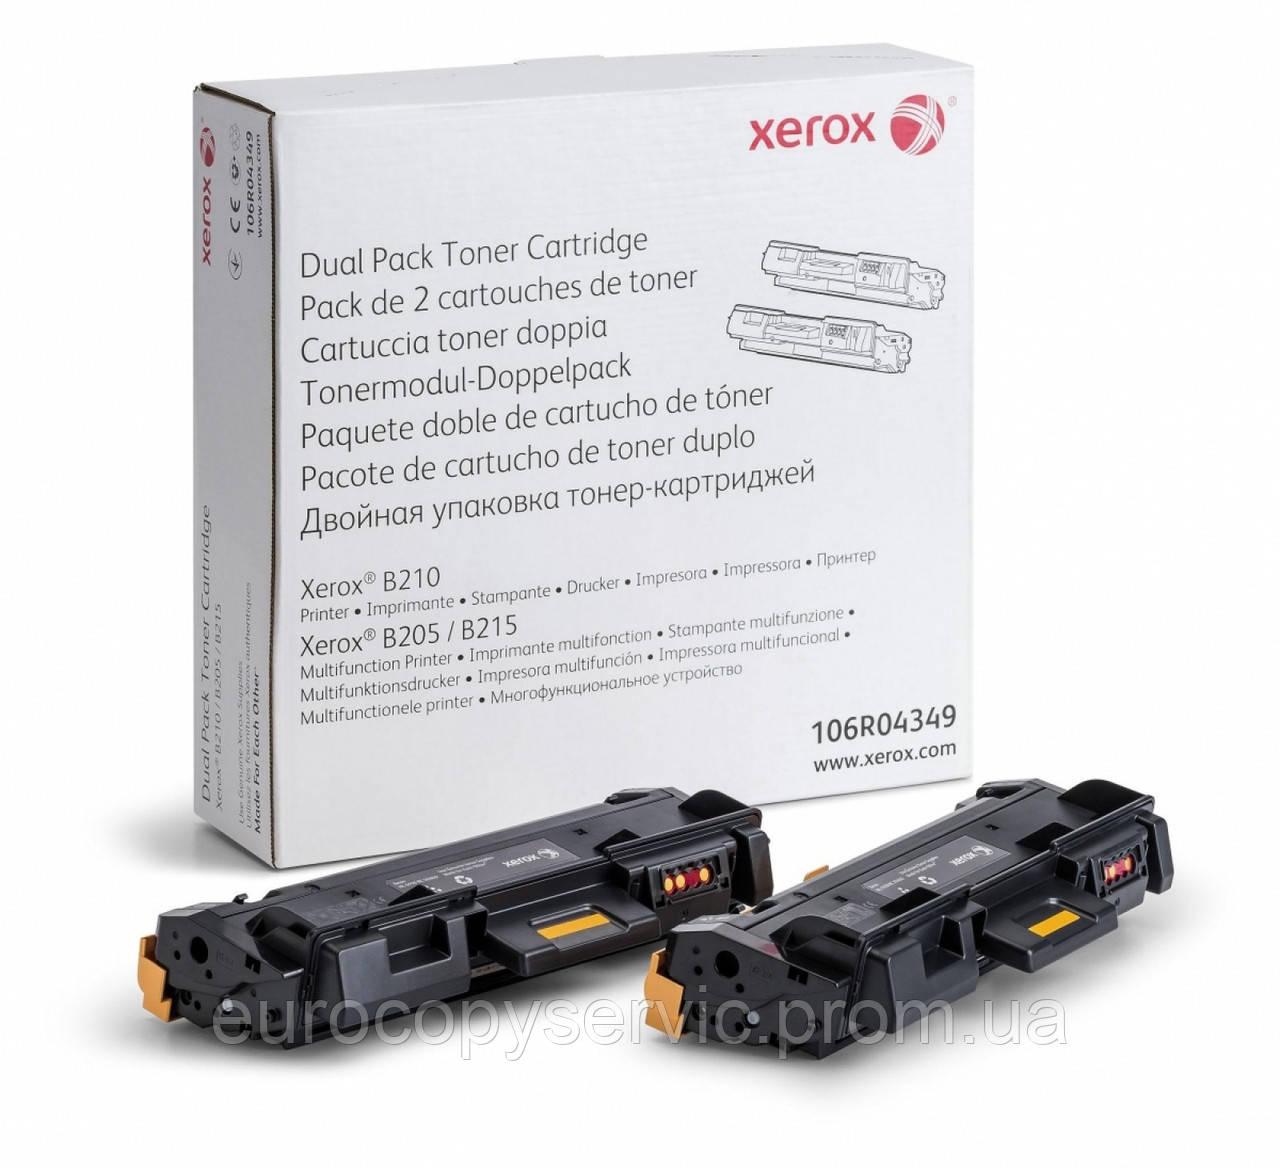 Тонер-картридж Xerox B205/B210/B215 Black (6000 стор) (106R04349) Подвійна упаковка